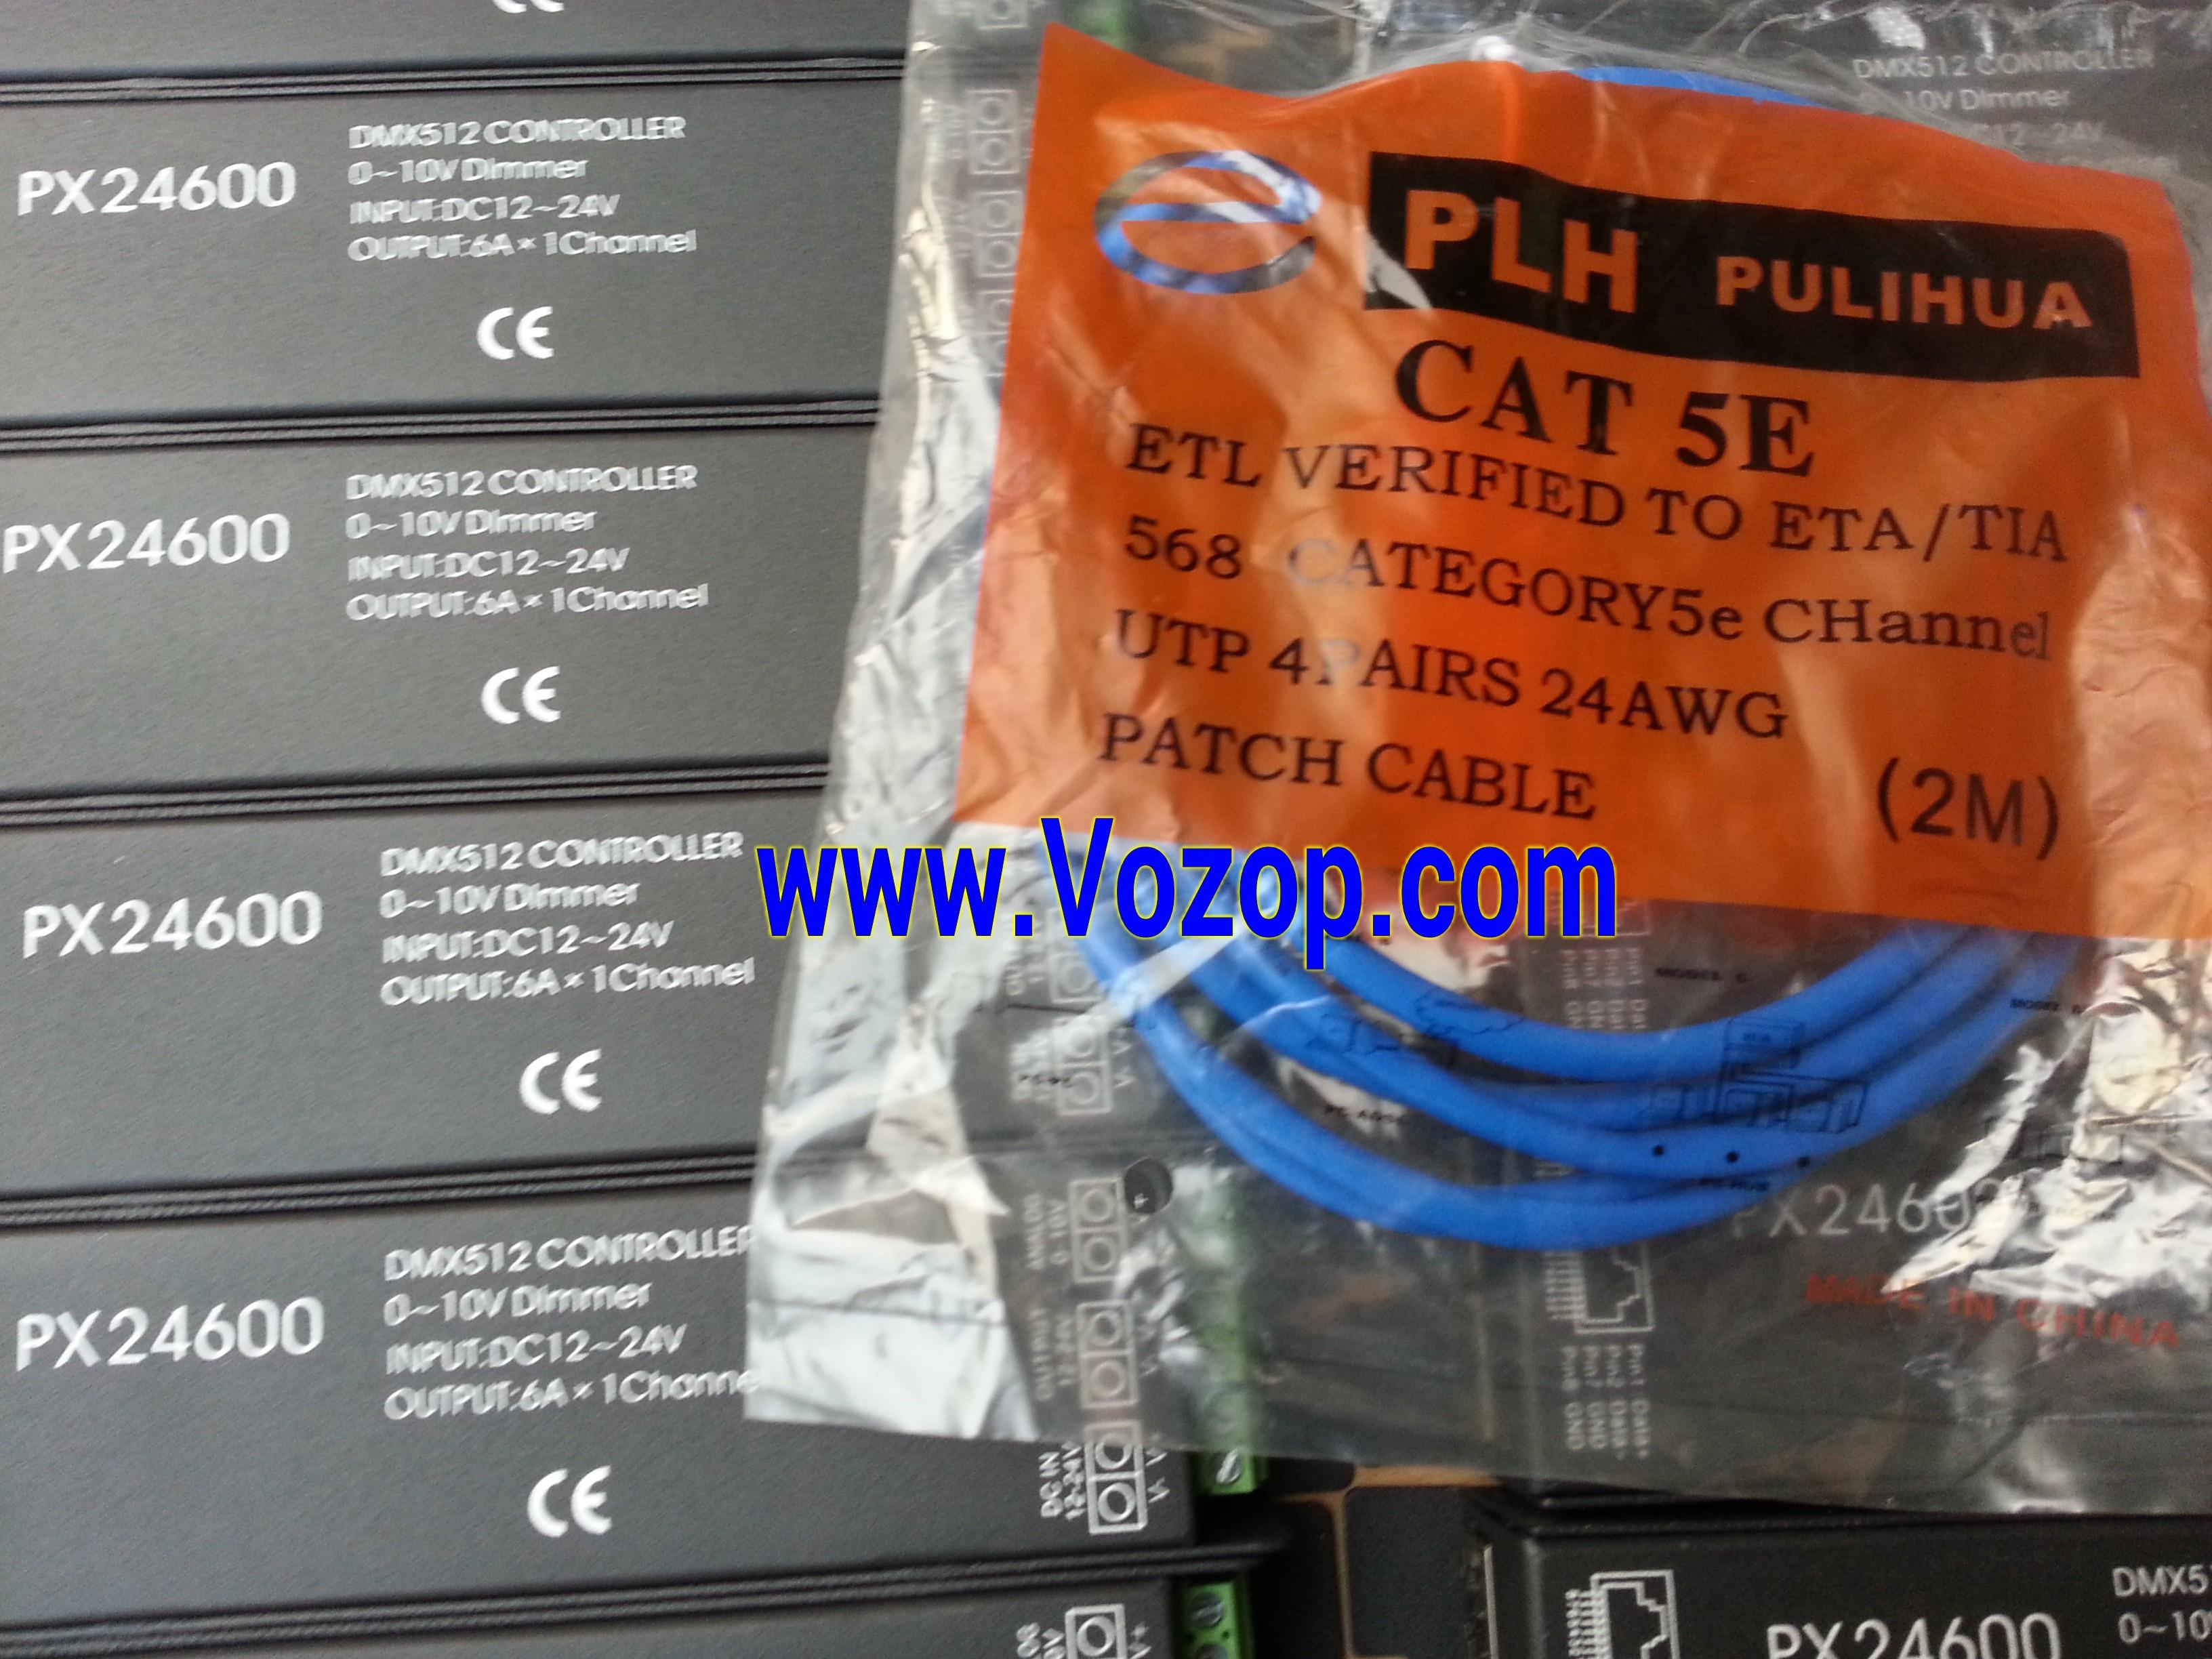 PX24600_DMX_Decorder_DMX512_0_10V_Dimmer_LED_Controller